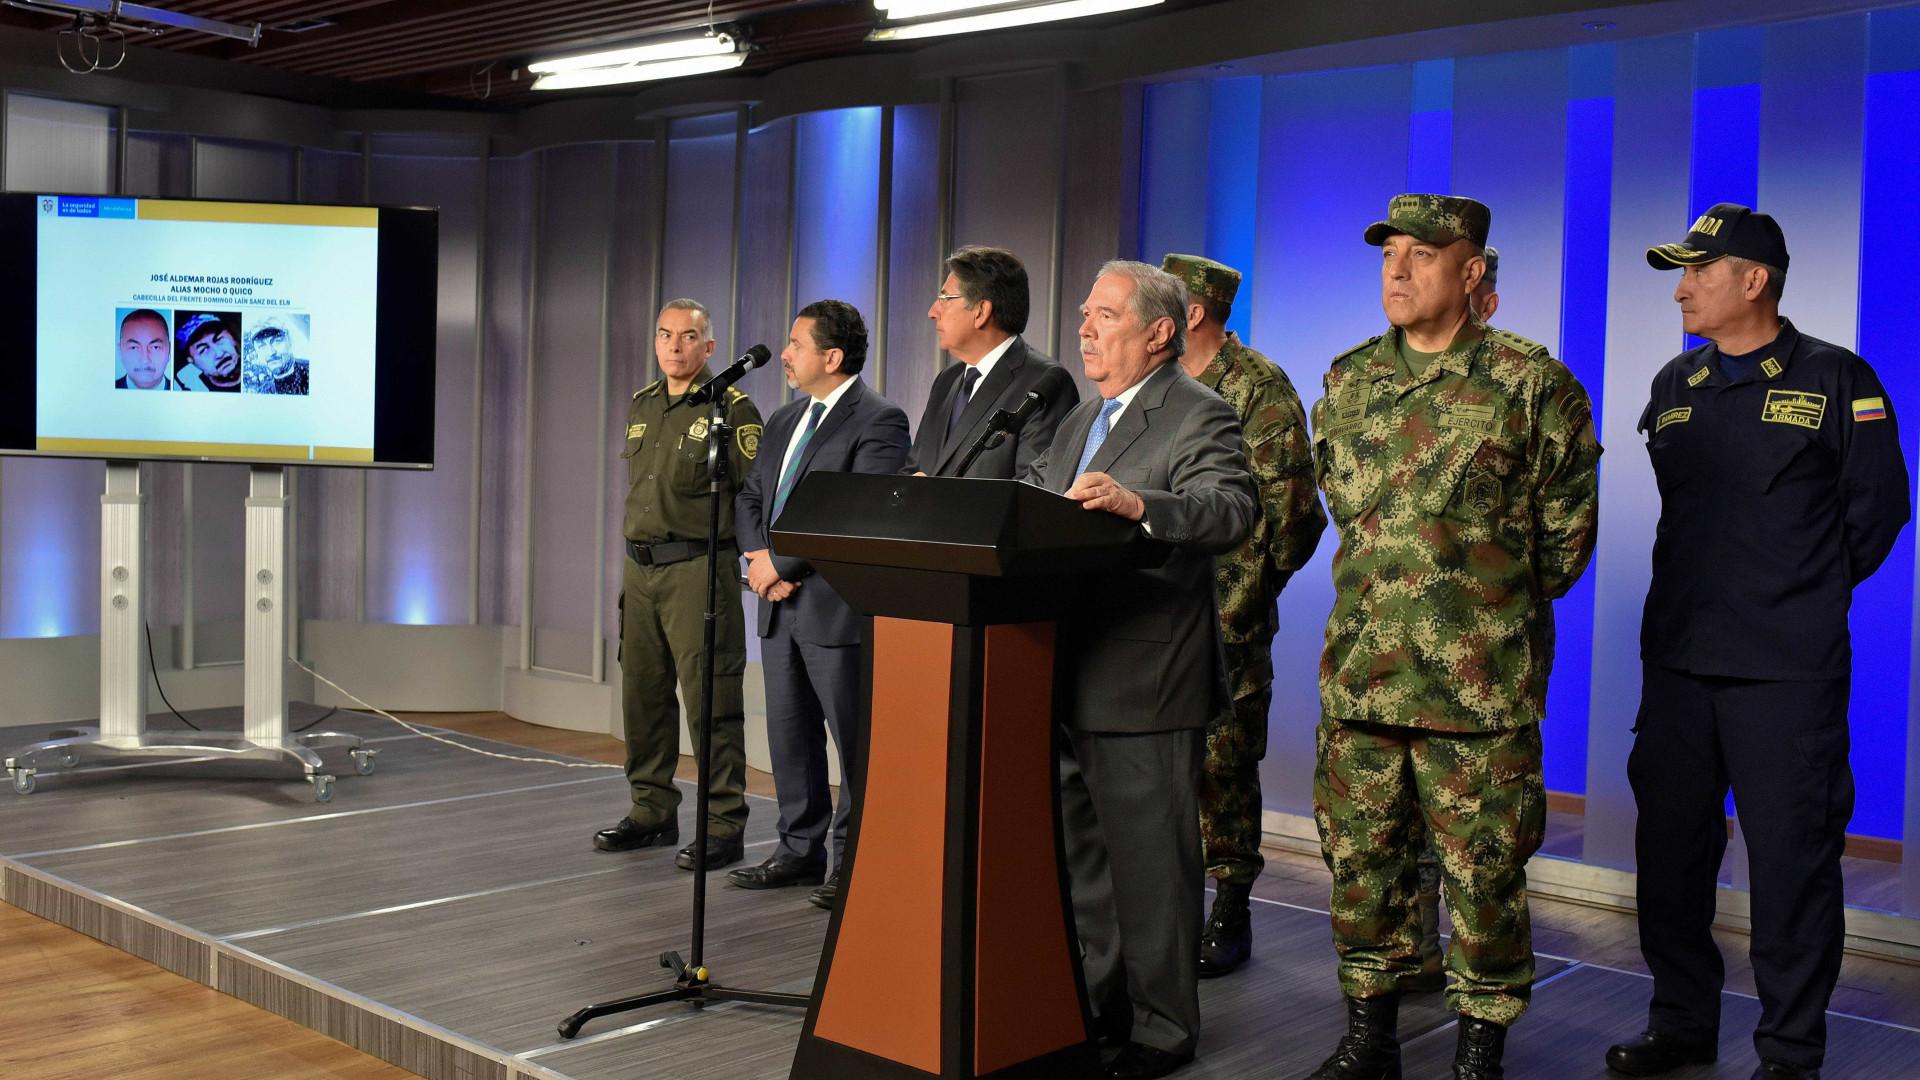 Colômbia responsabiliza ELN por atentado em Bogotá